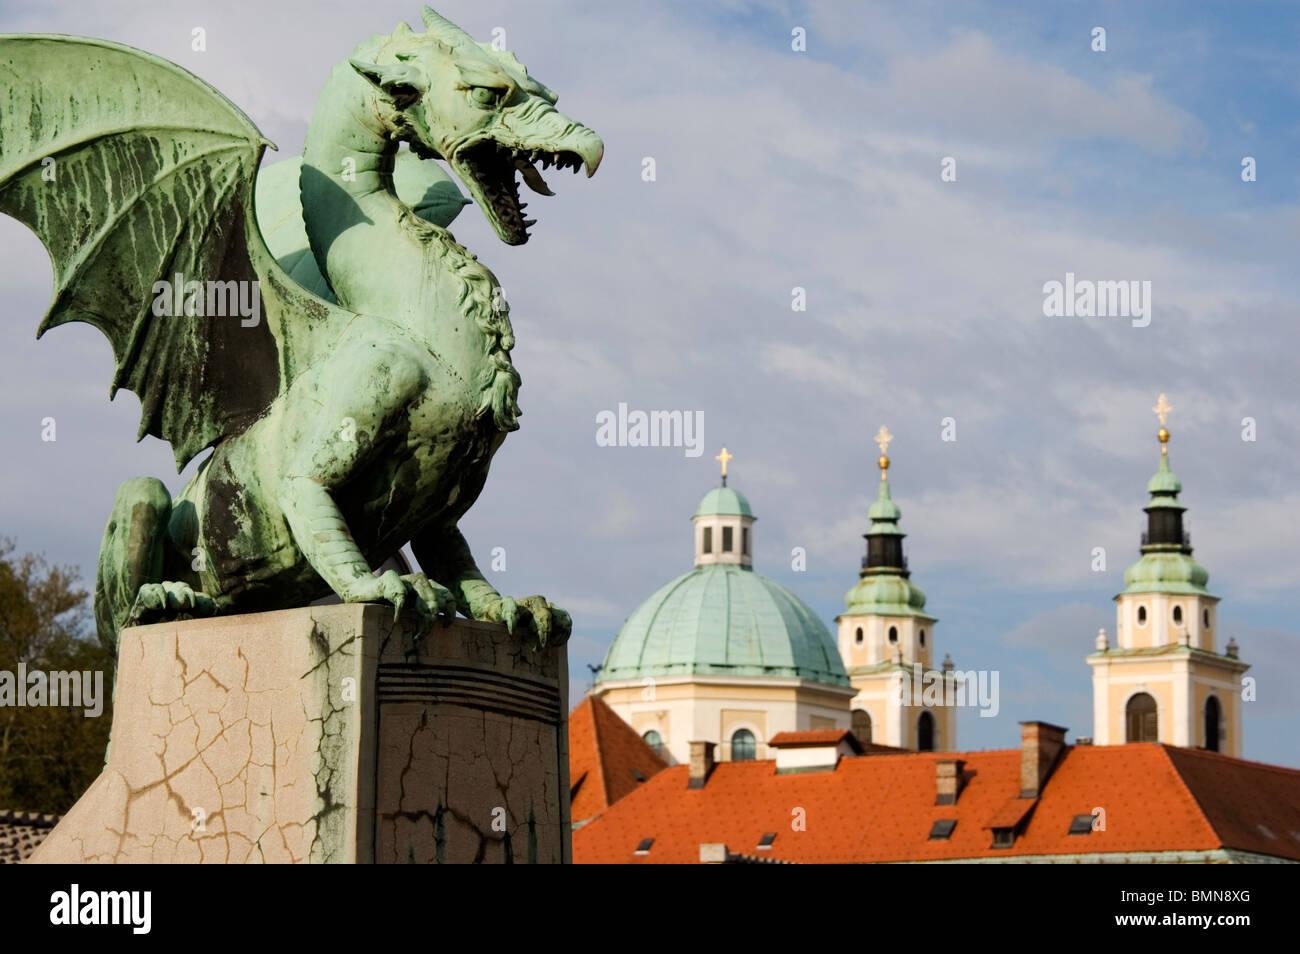 Elk191-1216 Slovenia, Ljubljana, Dragon Bridge - Stock Image